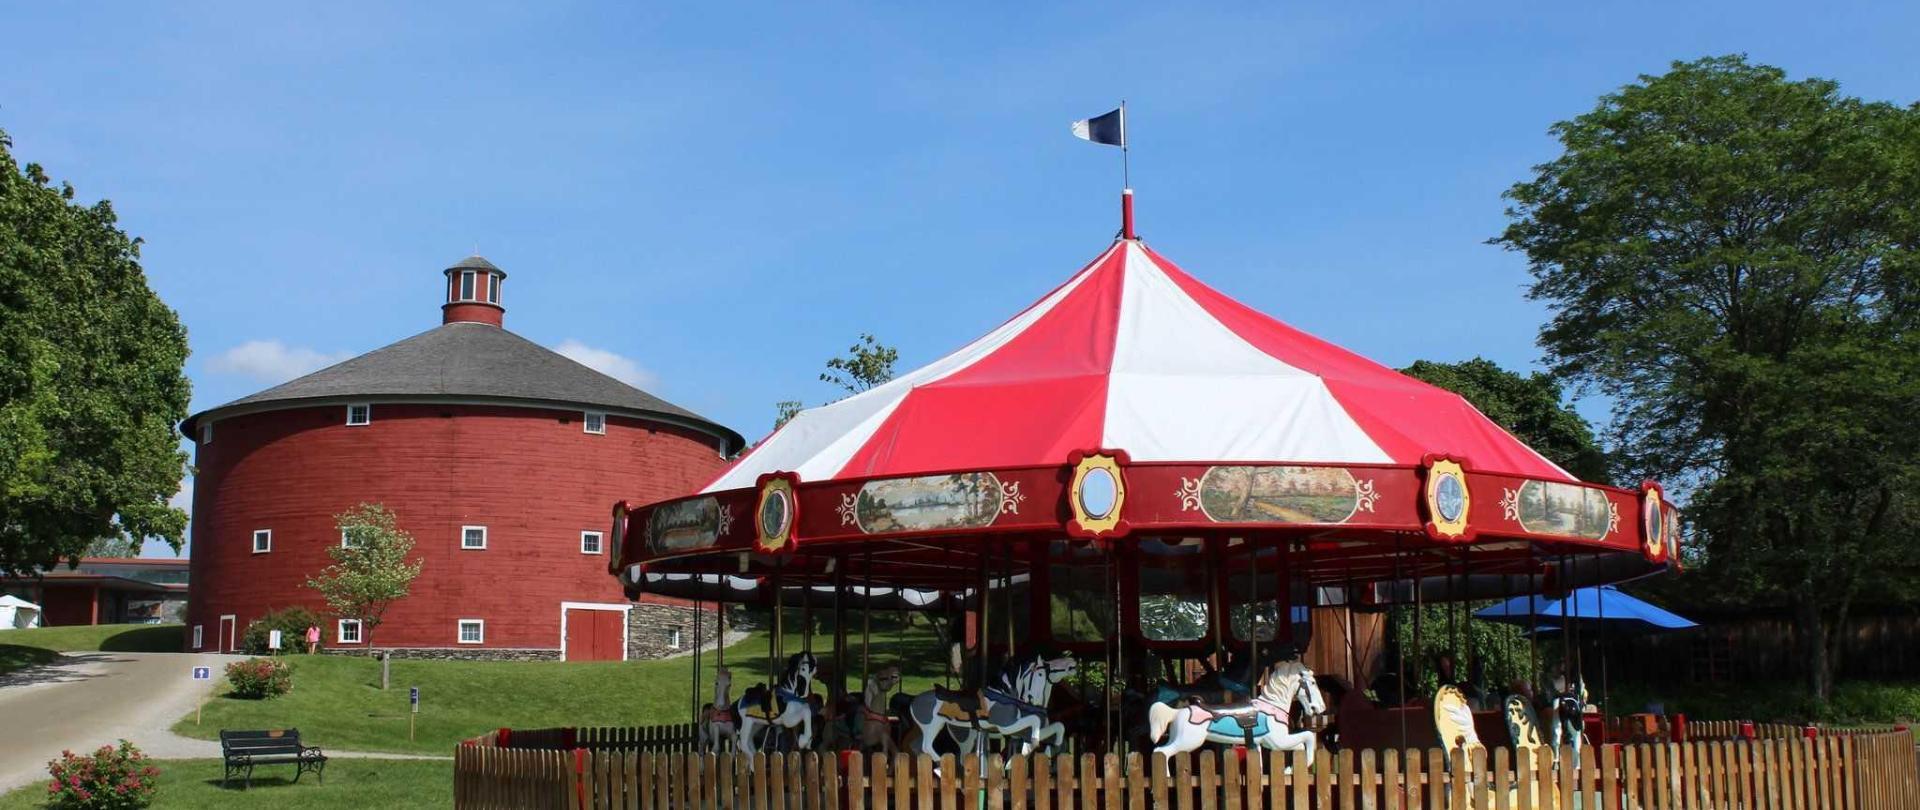 shelburne-museum-round-barn-caroussel.JPG